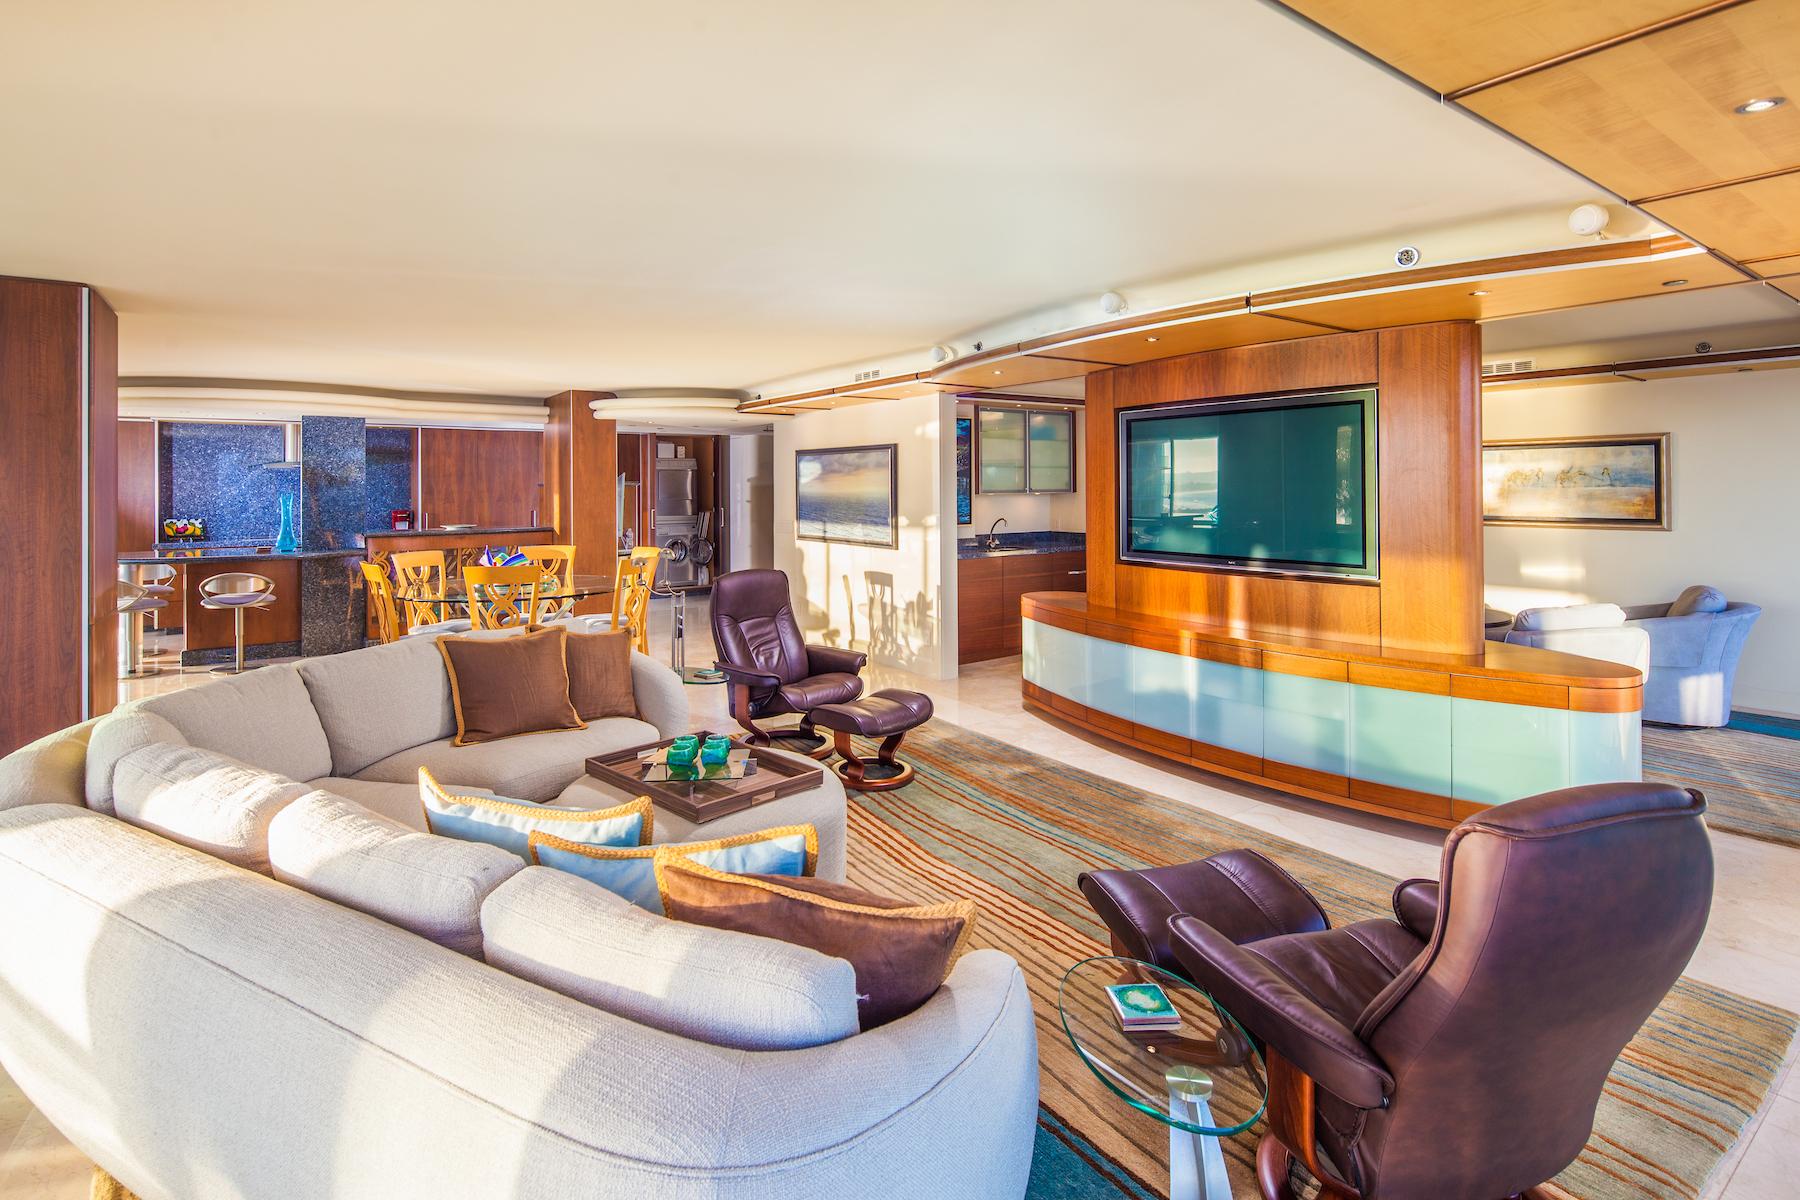 Additional photo for property listing at 1780 Avenida Del Mundo #407 1780 Avenida del Mundo 407 Coronado, California 92118 United States